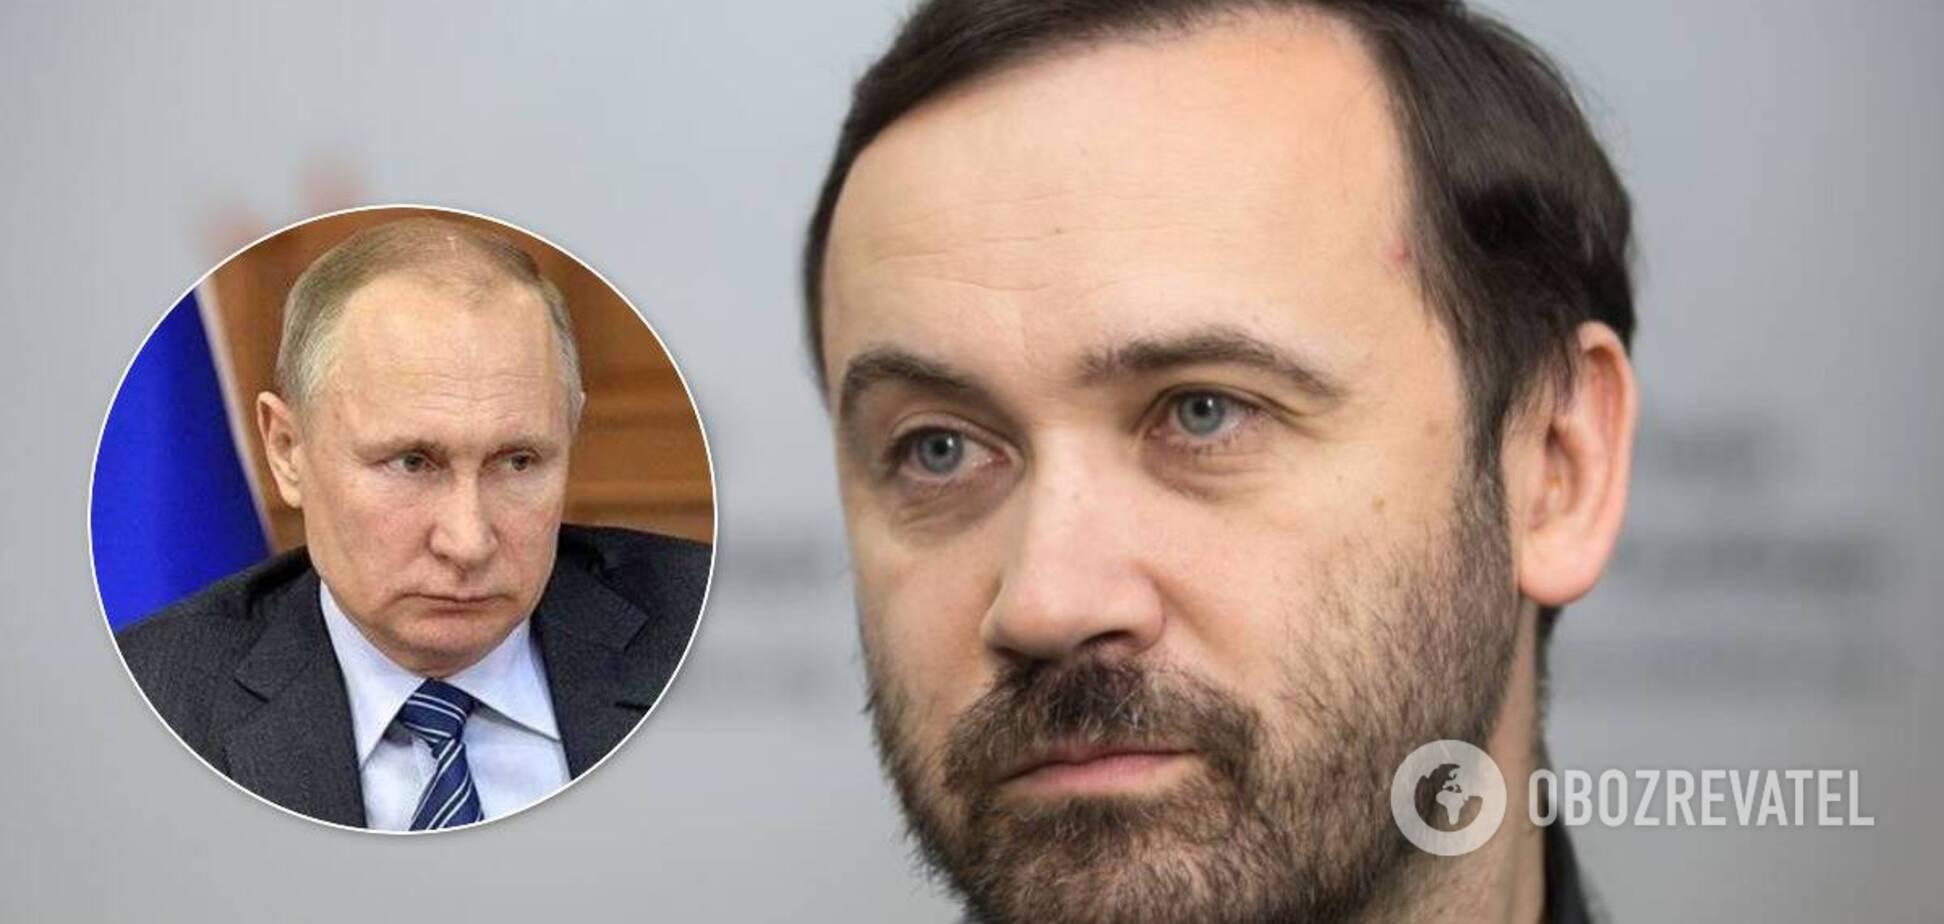 Ілля Пономарьов вважає, що Путін буде при владі до смерті